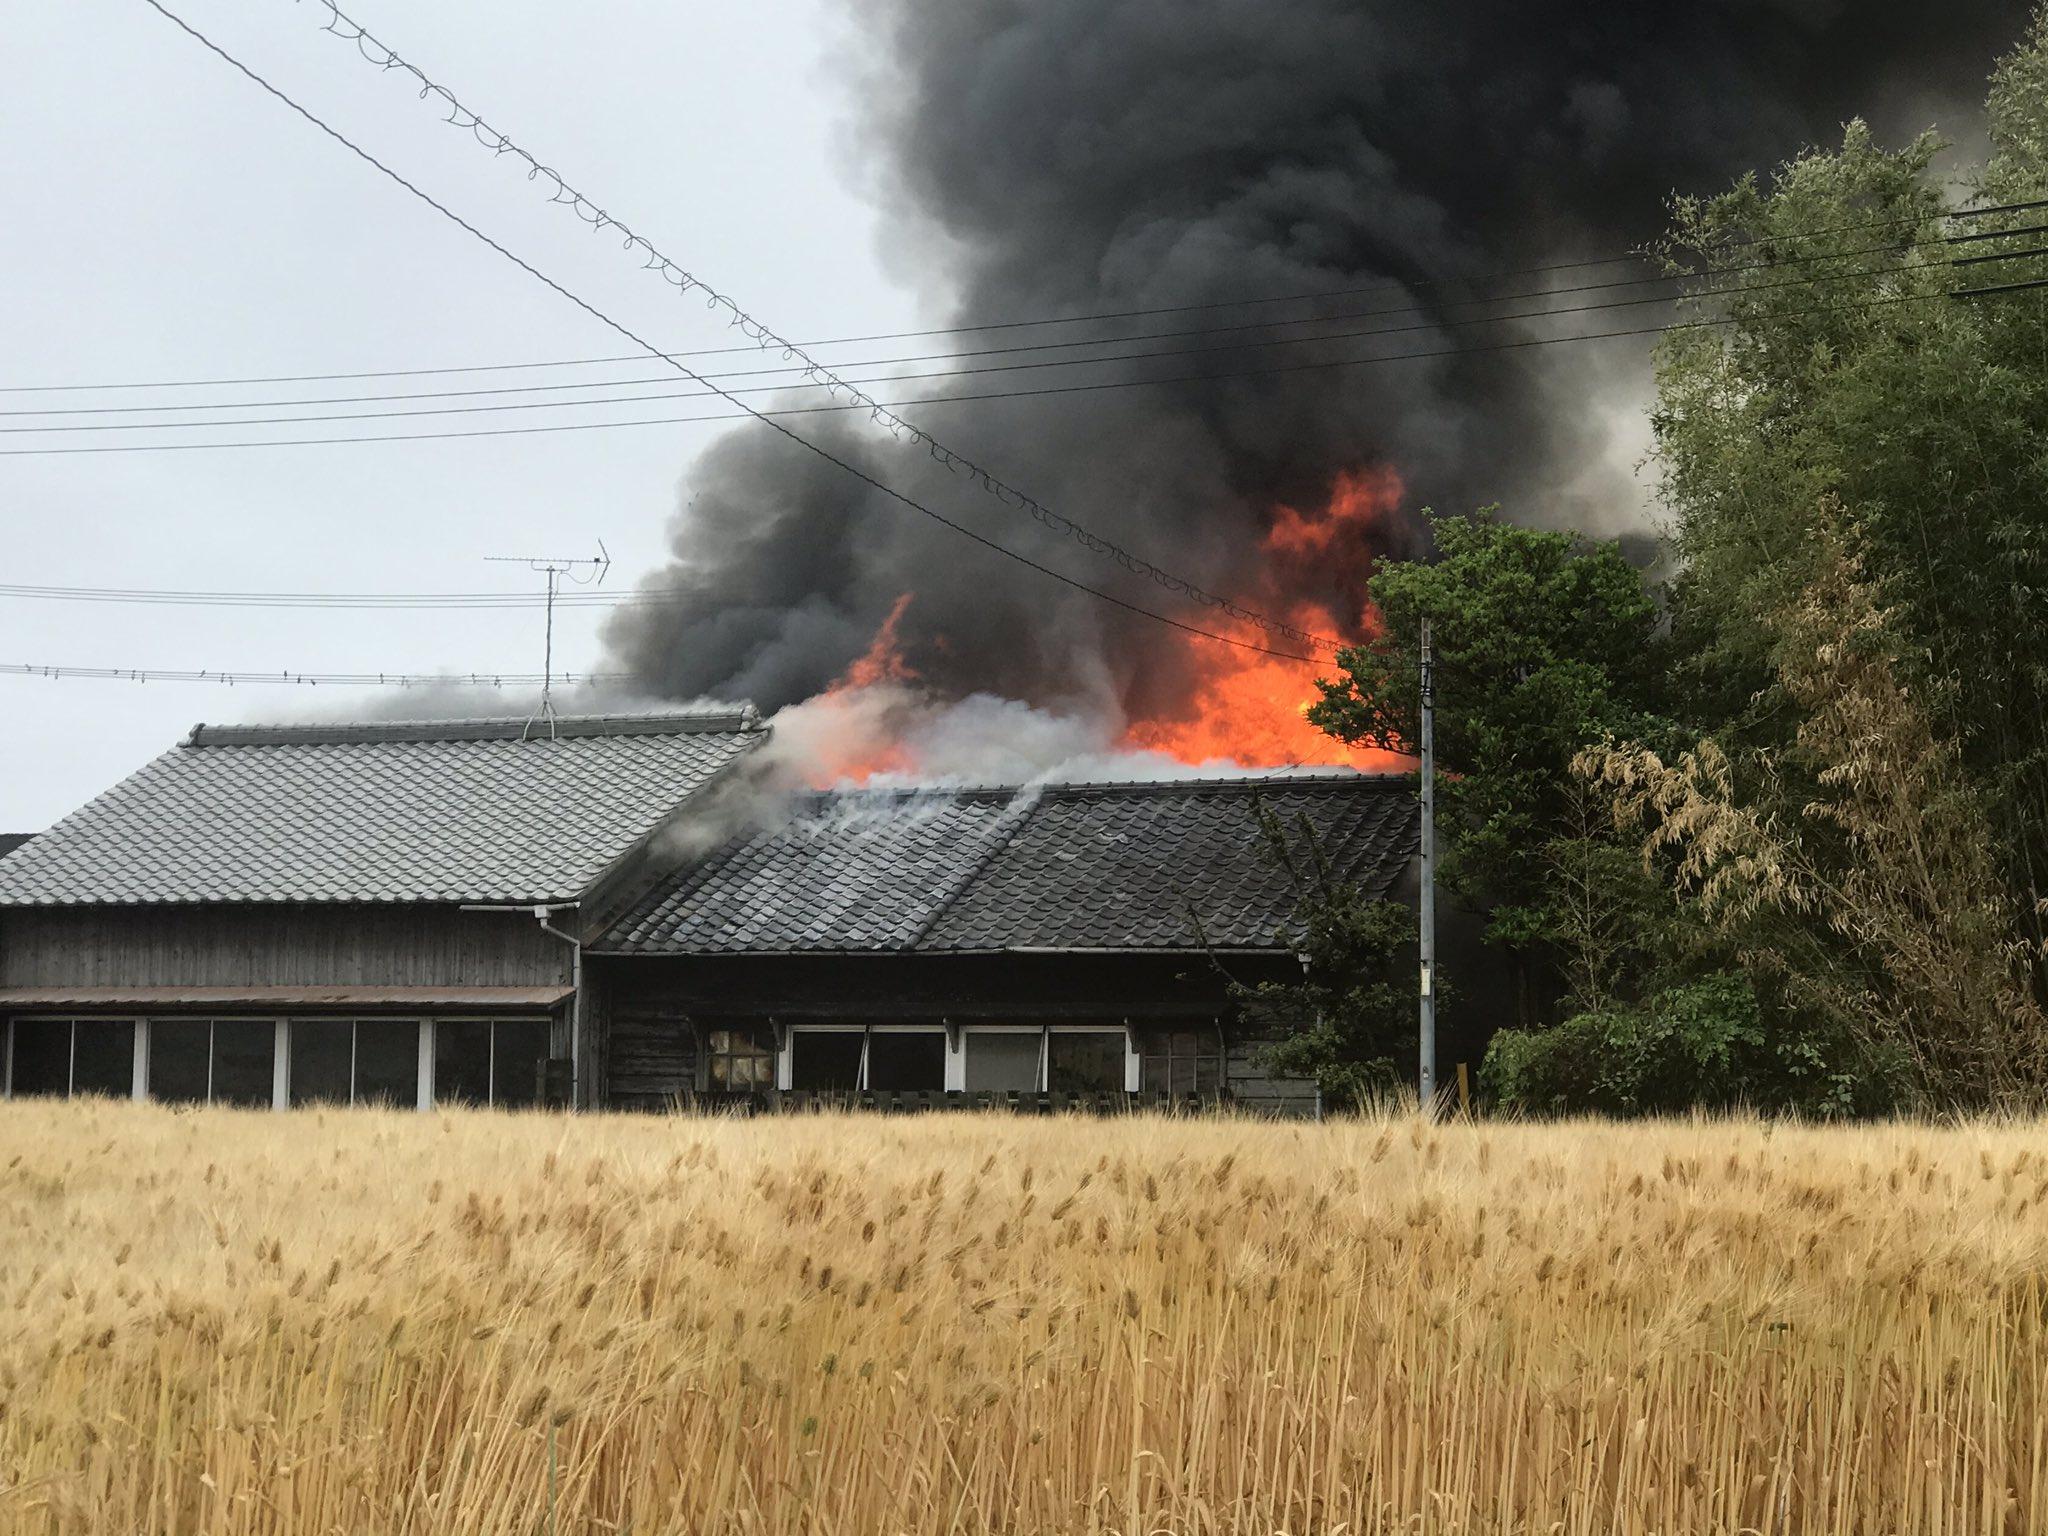 兵庫県稲美町で火事が起きている現場の画像